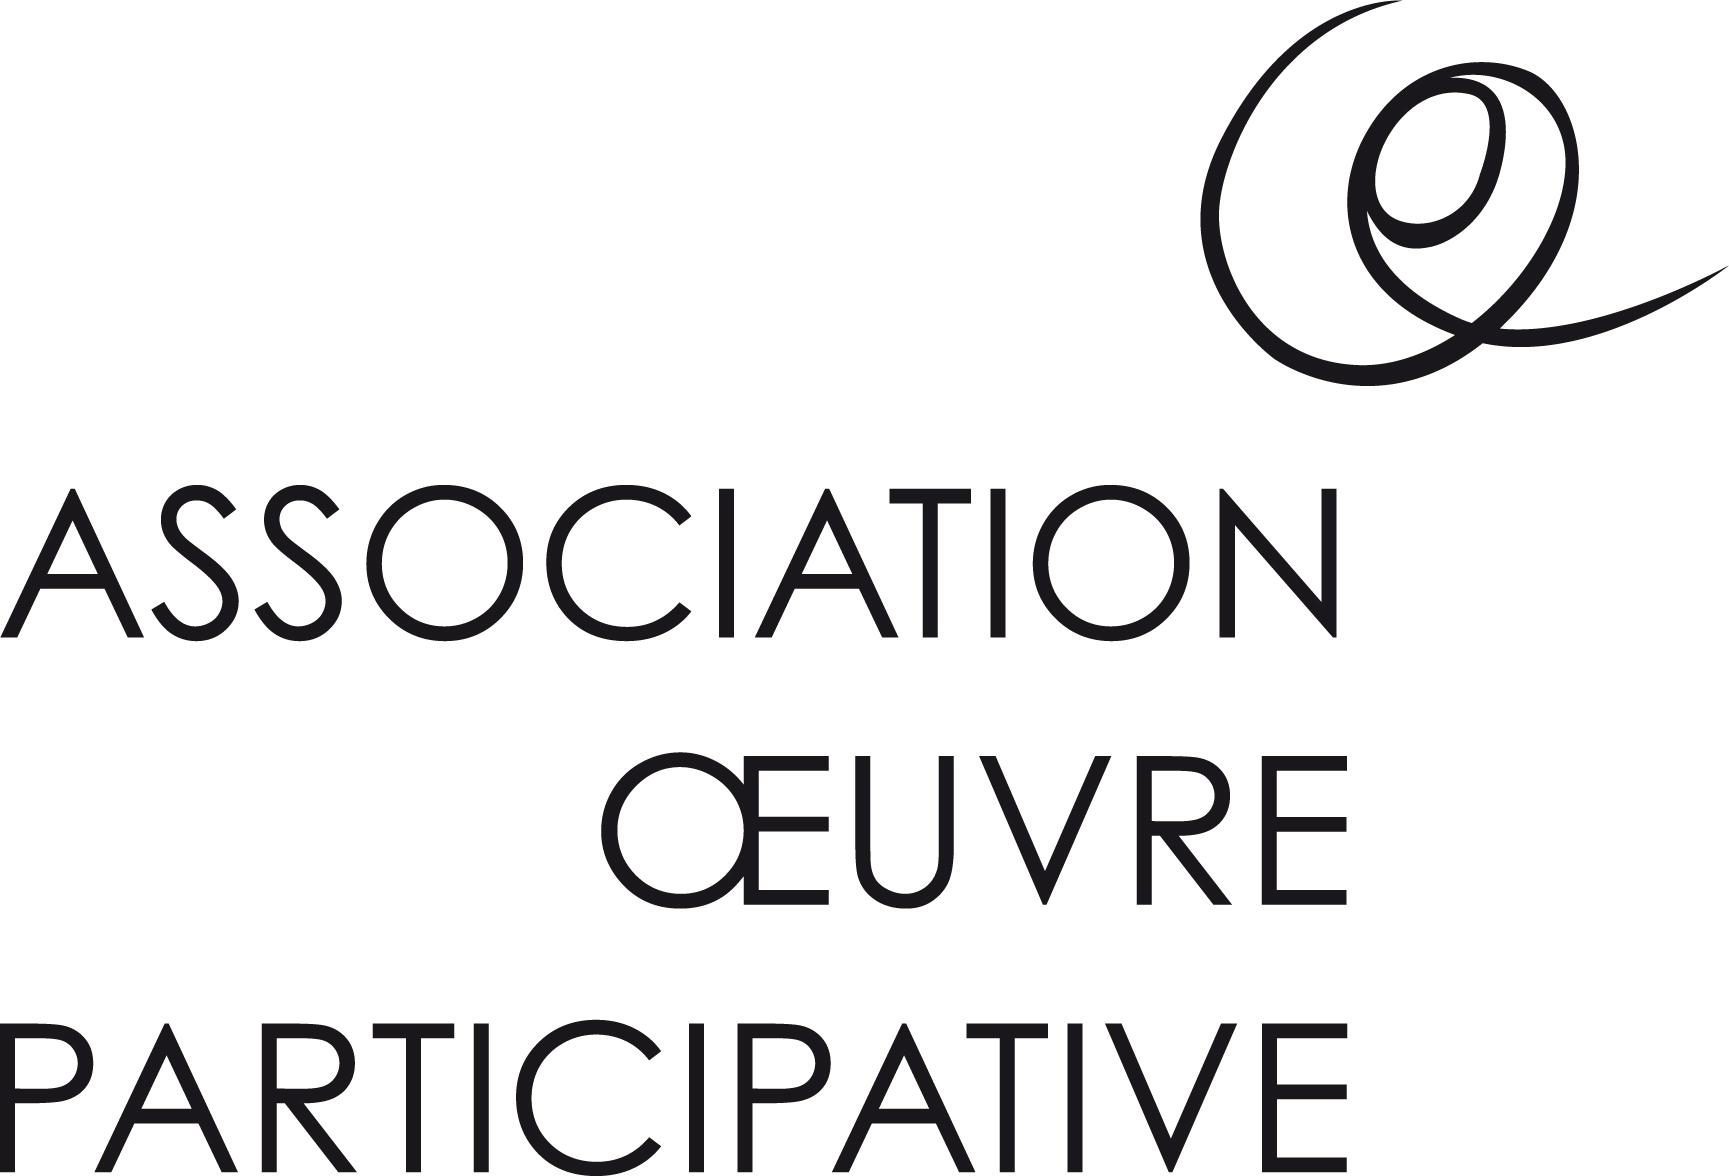 Œuvre ensemble & Association Œuvre Participative